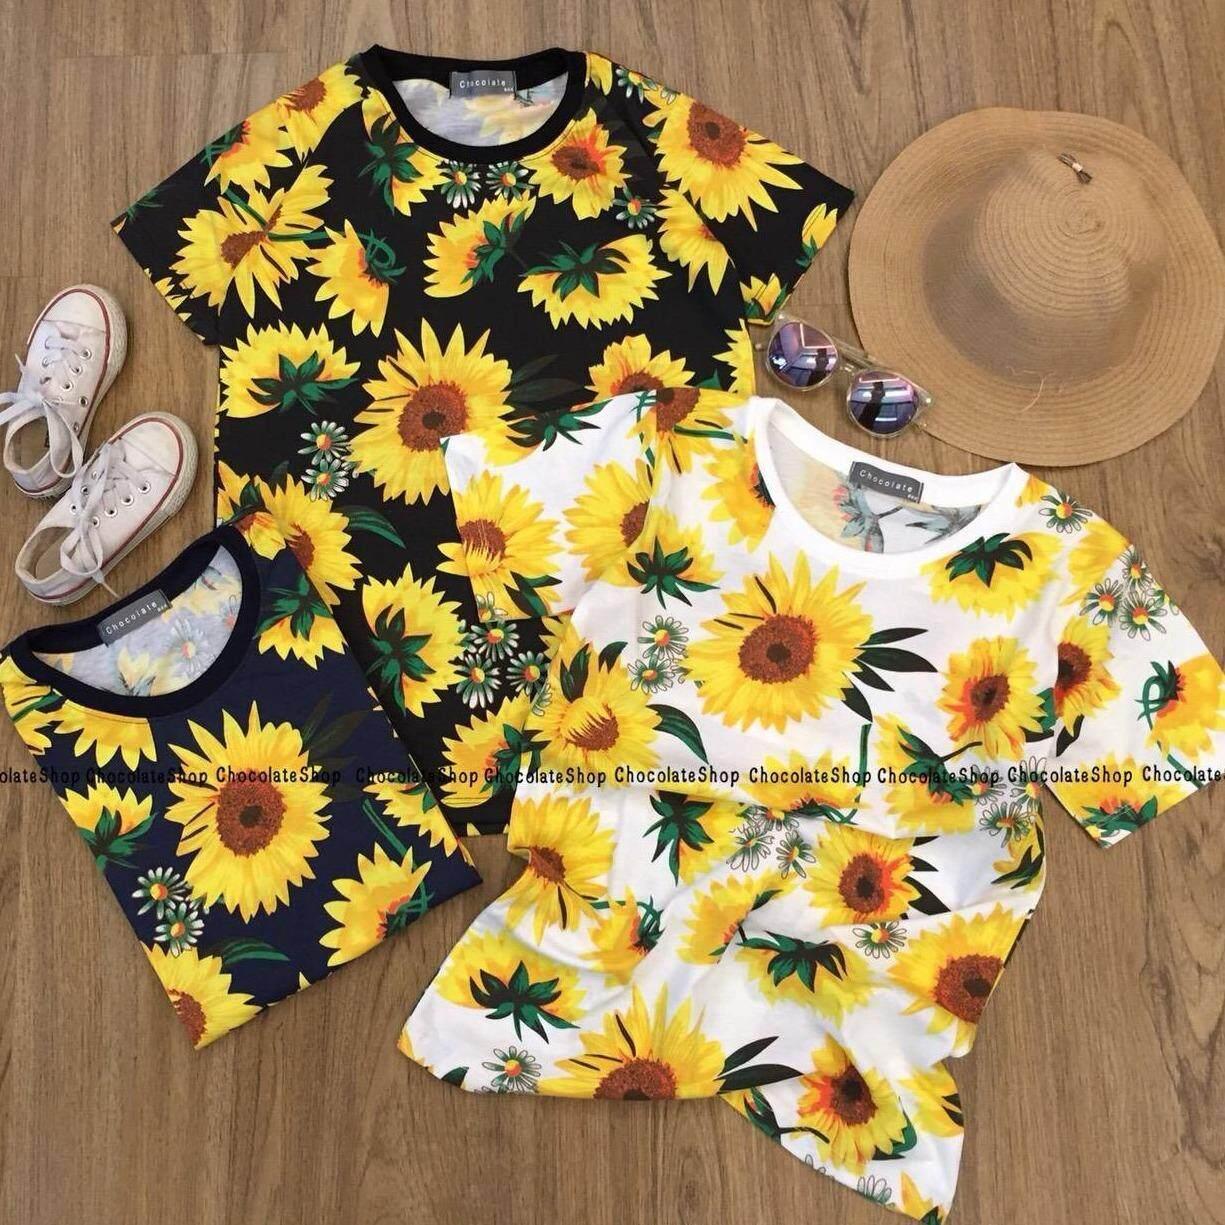 T0020 เสื้อยืดผ้า คอลตอล100% พิมมลายดอกทานตะวัน ลายทั้งตัว หน้า หลัง แขน ลายดอกสวยๆ มี 3 สี ขาว กรม ดำ ส่งฟรีKerry